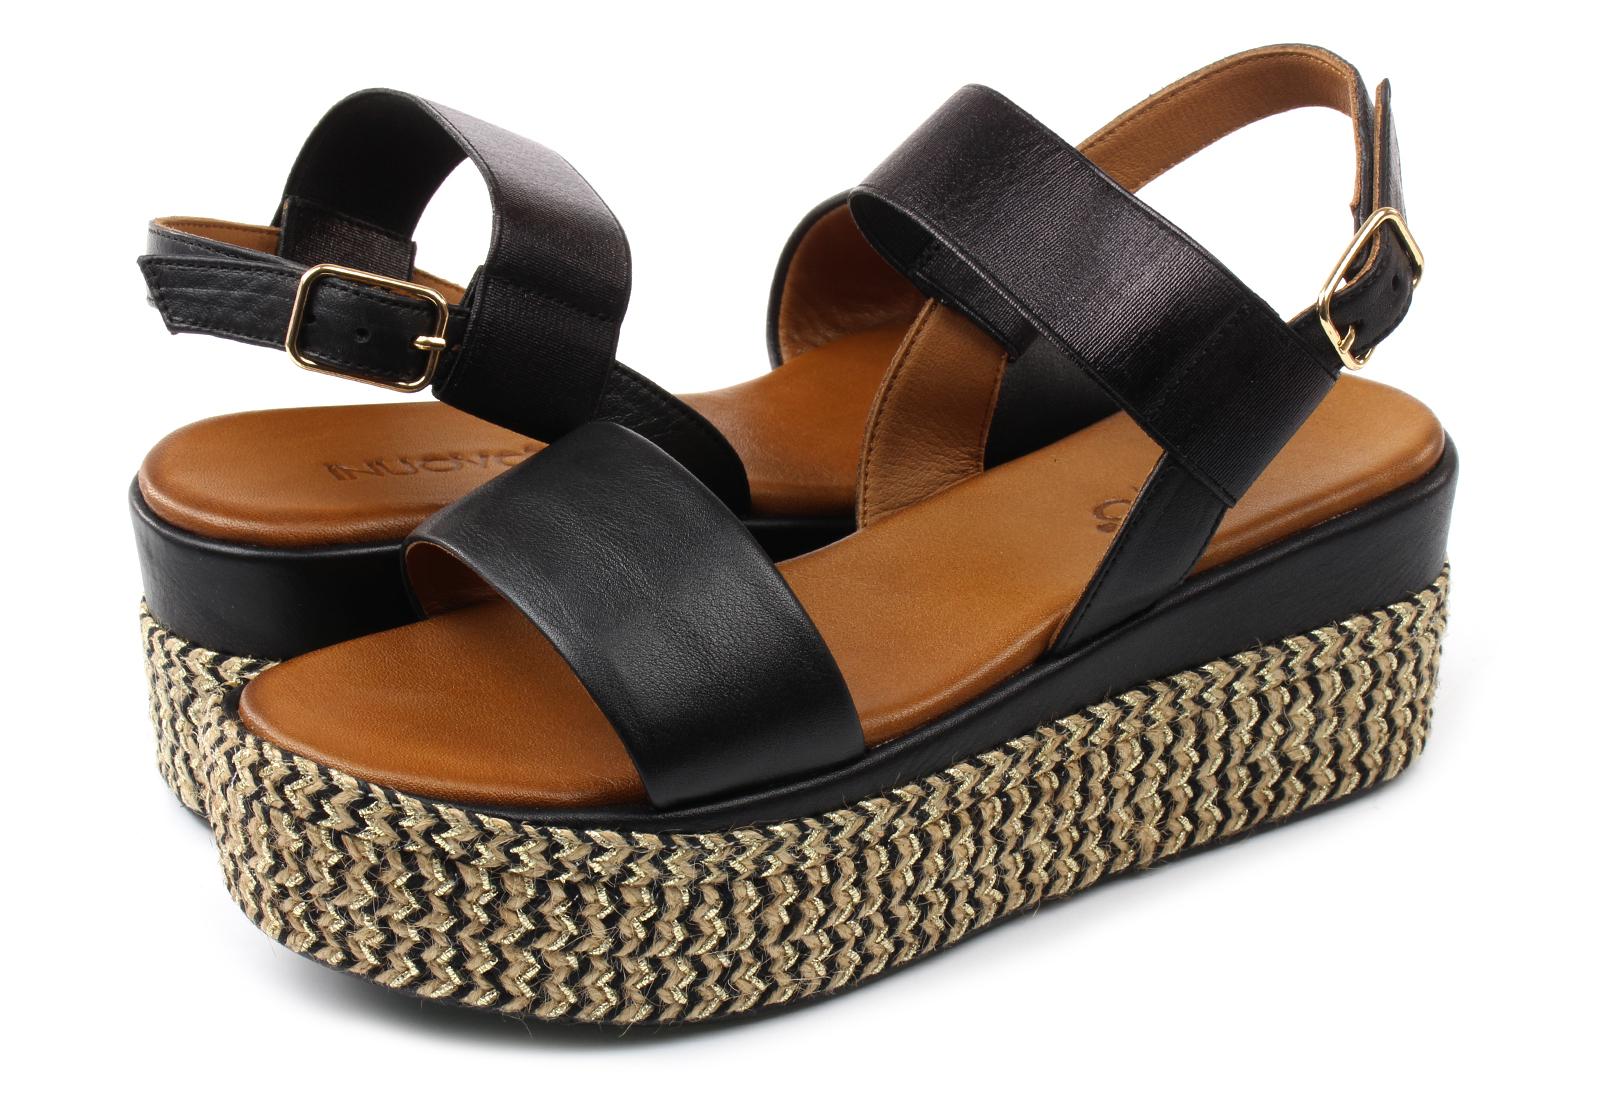 e8e720dba69 Inuovo Sandals - 8865 - 8865-blk - Online shop for sneakers